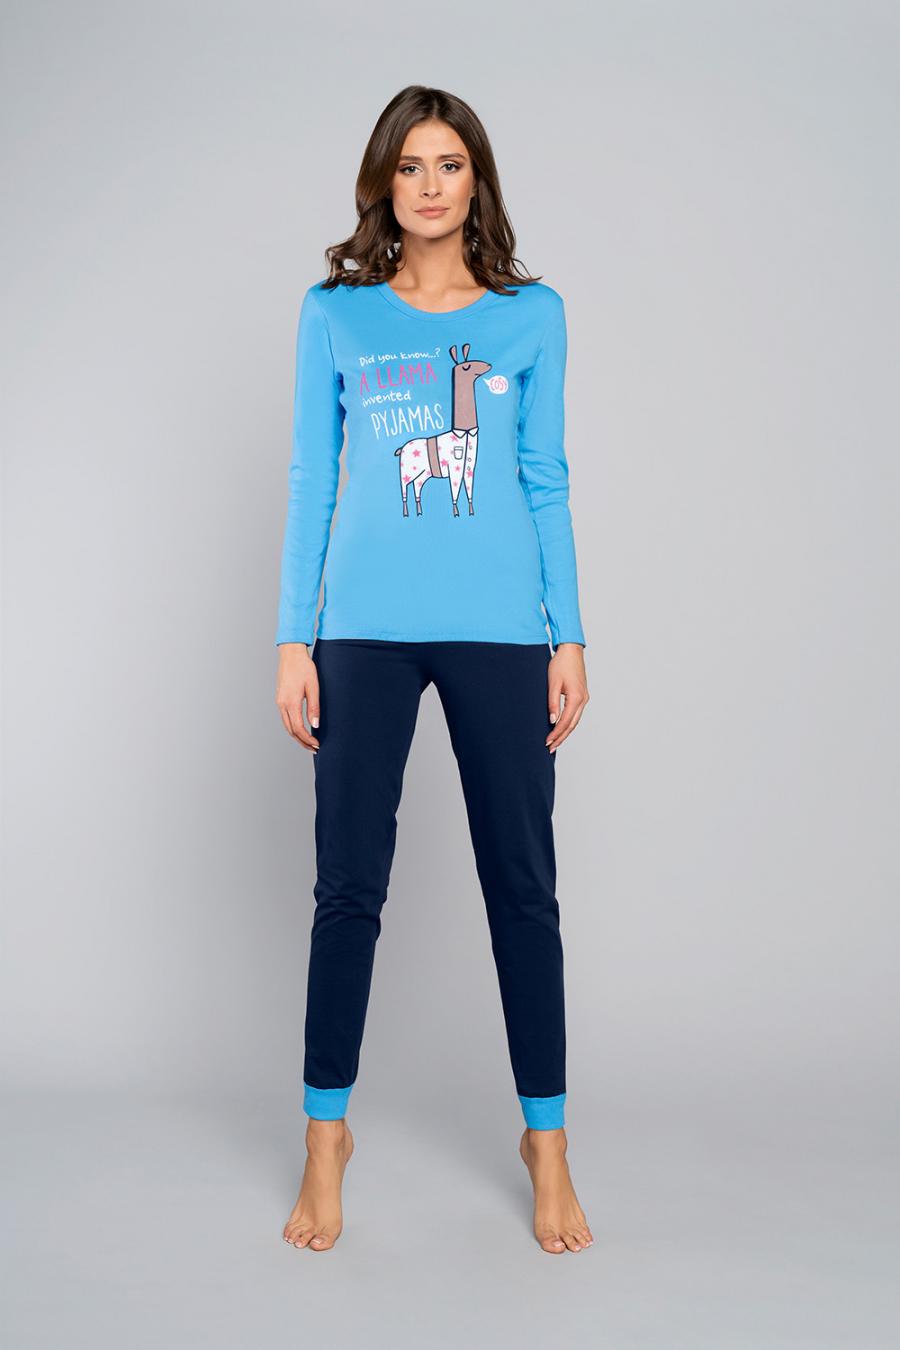 Hosszú ujjú - J.PRESS - Kék láma mintás női pizsama szett J.PRESS